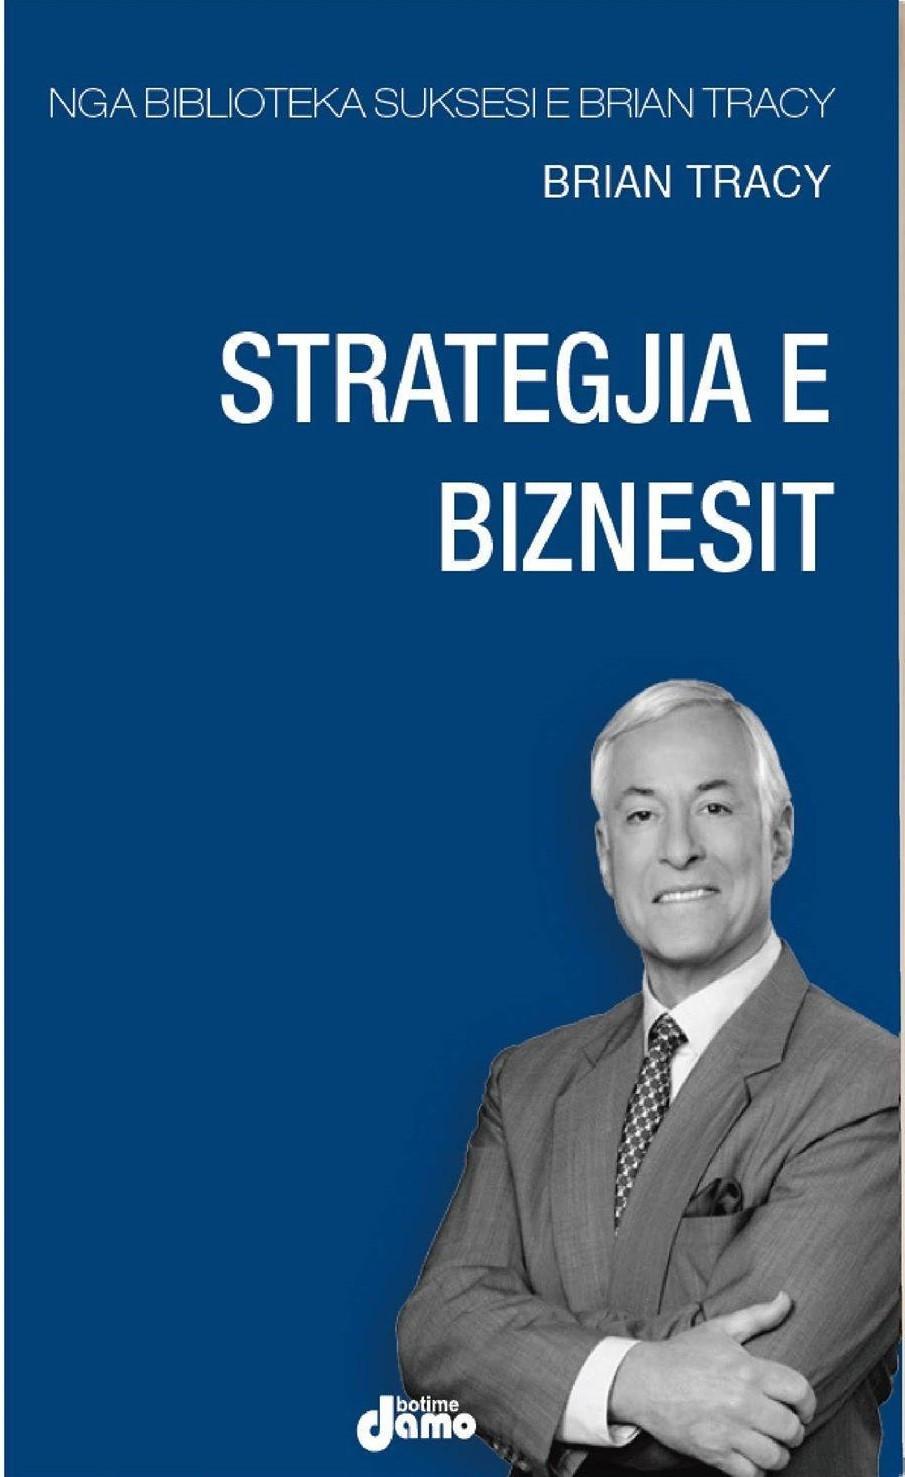 Strategjia e biznesit